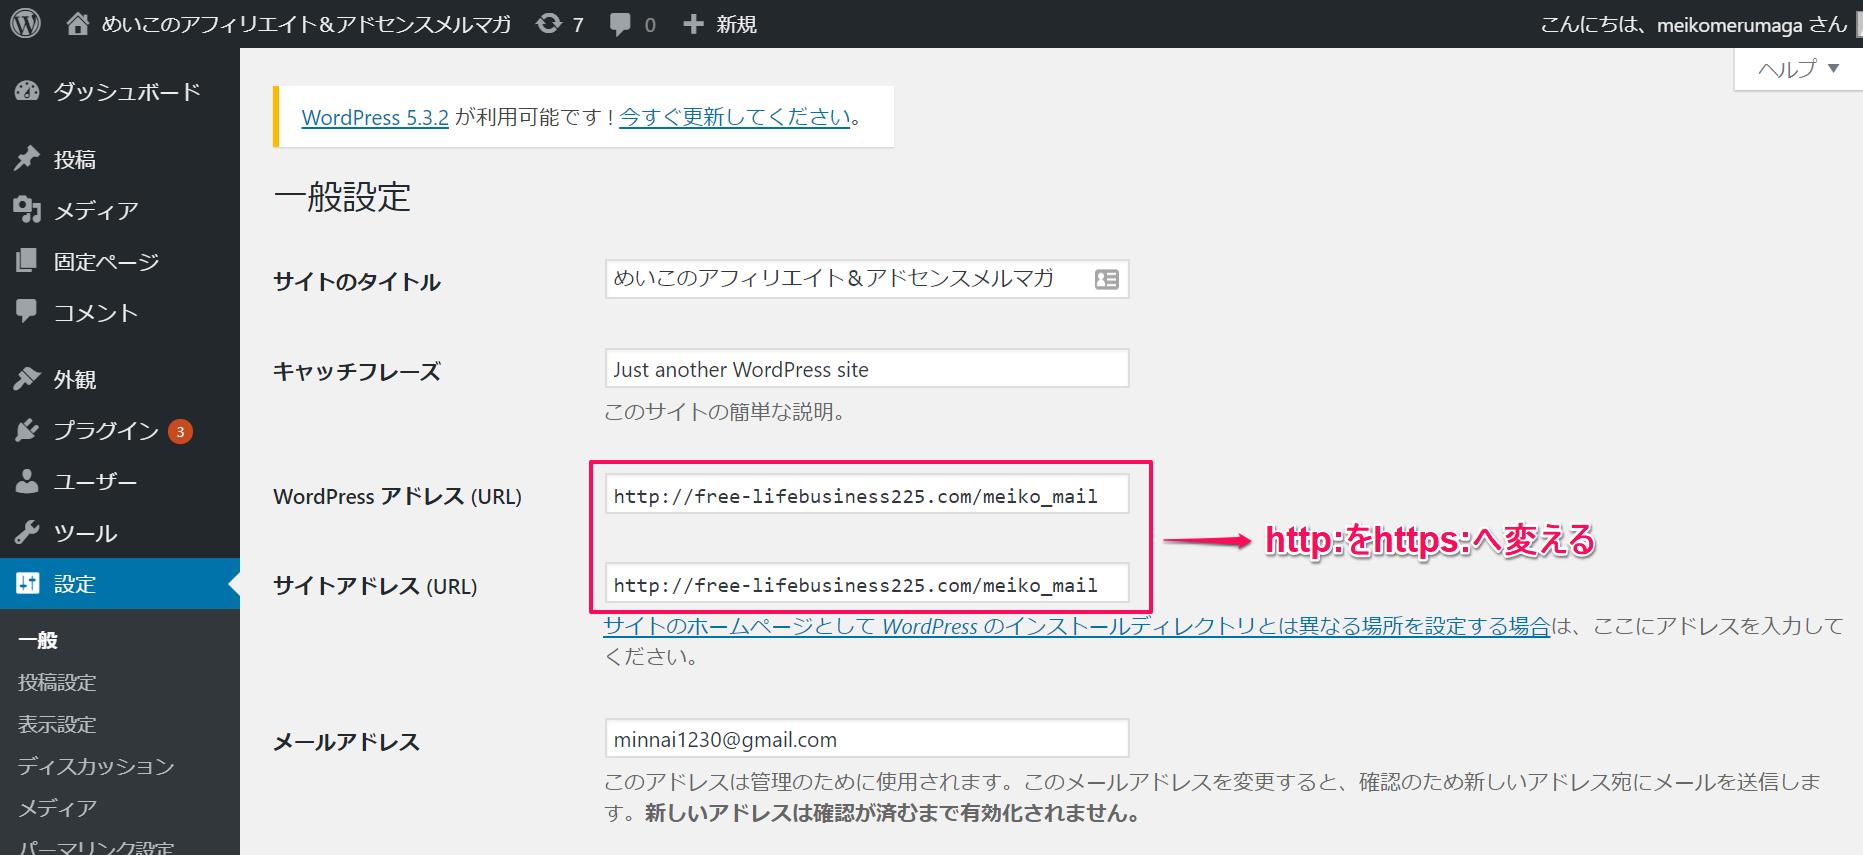 サブディレクトリ SSL化